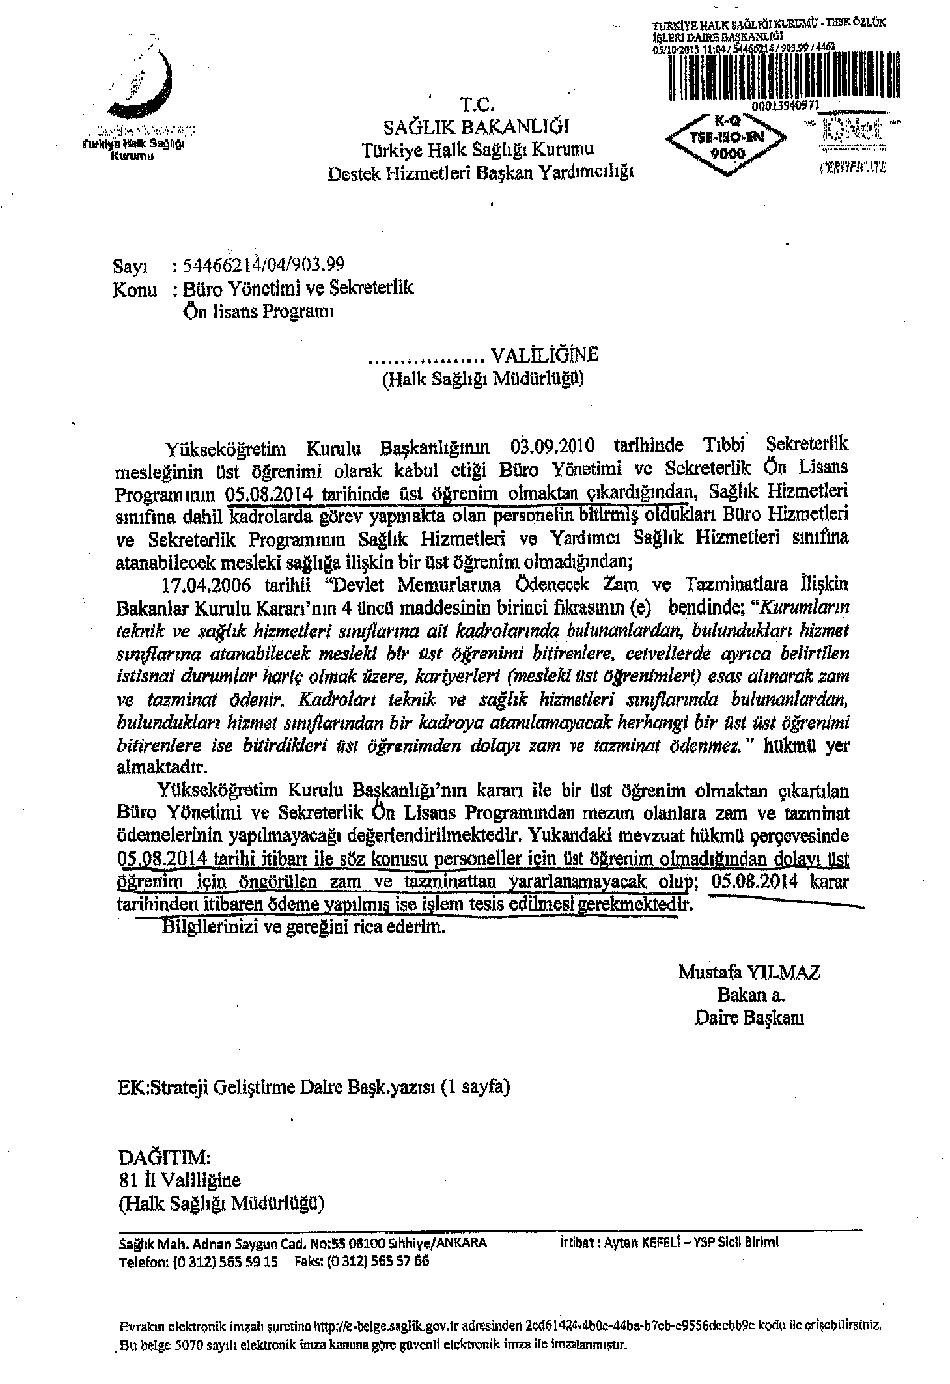 Sağlık Bakanlığının Büro Yönetimi ve Sekreterlik Bölümünün Üst Öğrenim Olmadığına Dair Yazısı